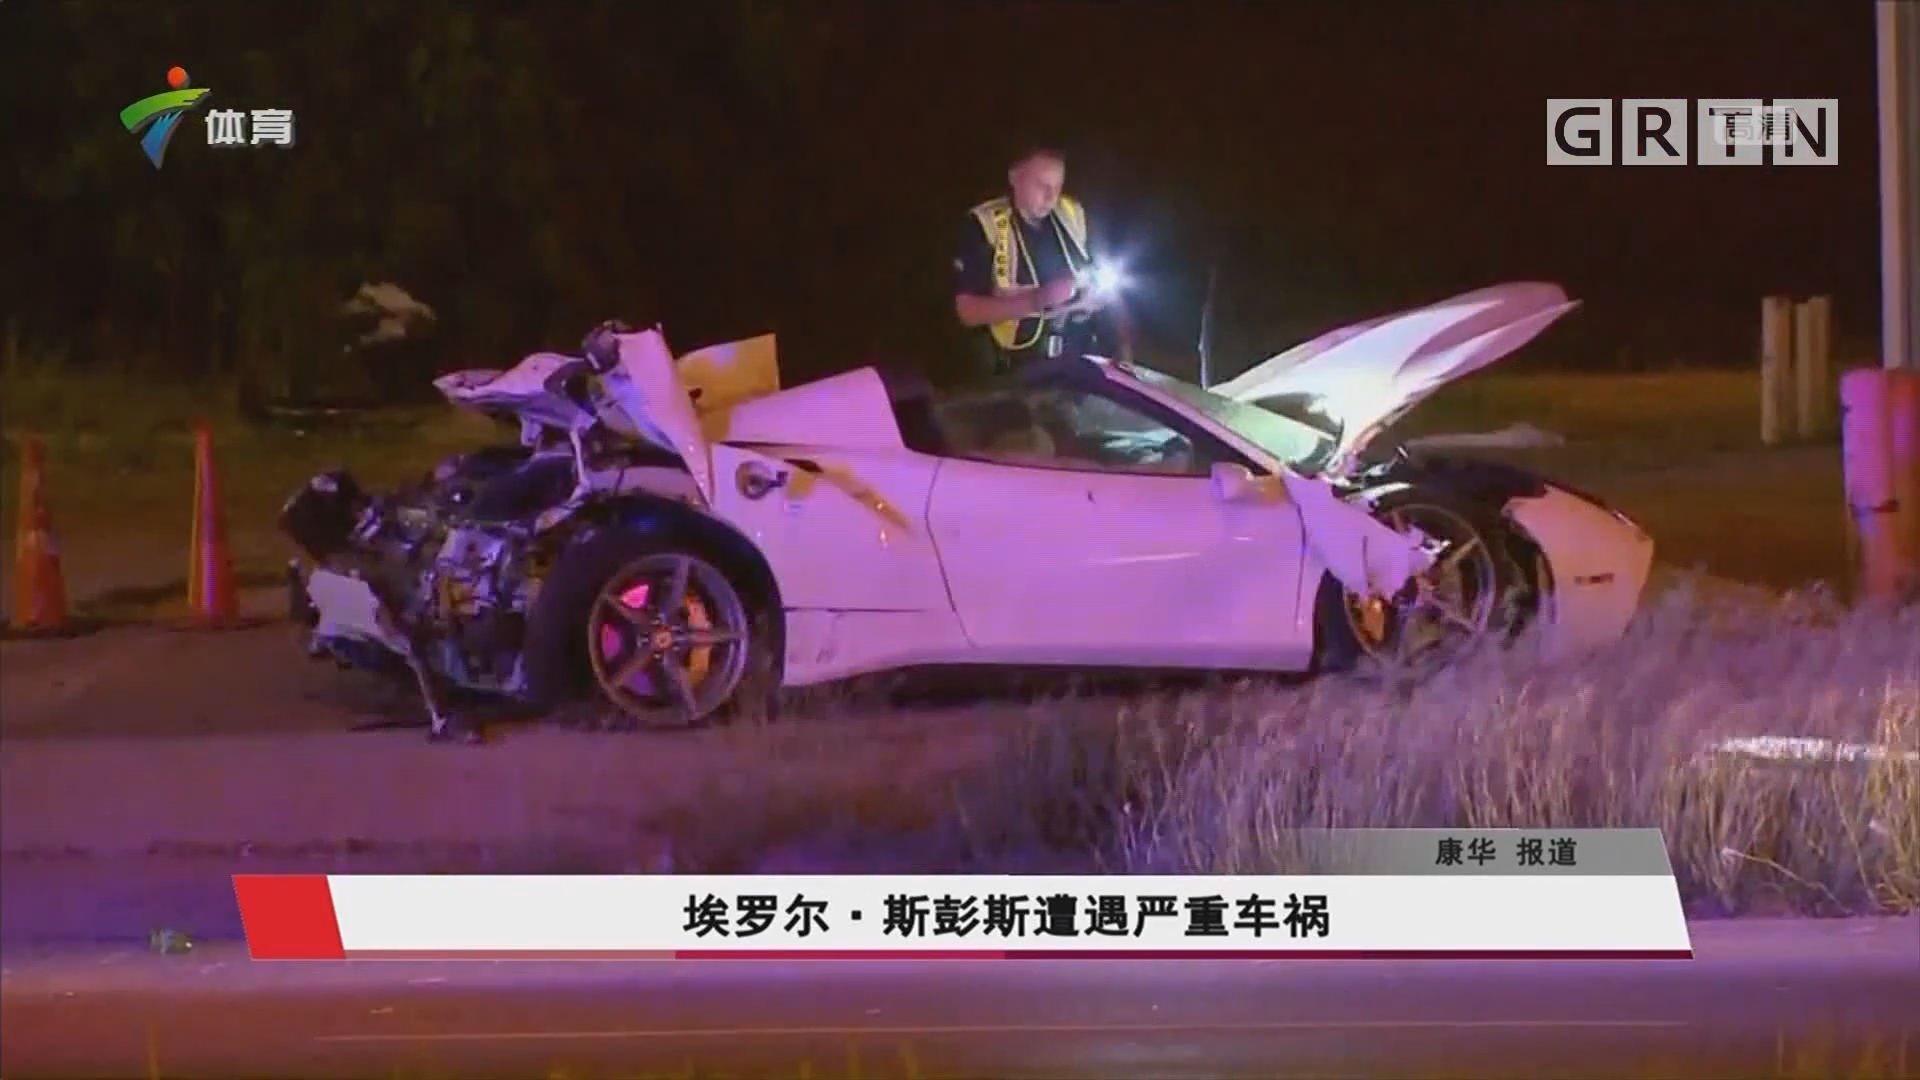 埃羅爾·斯彭斯遭遇嚴重車禍